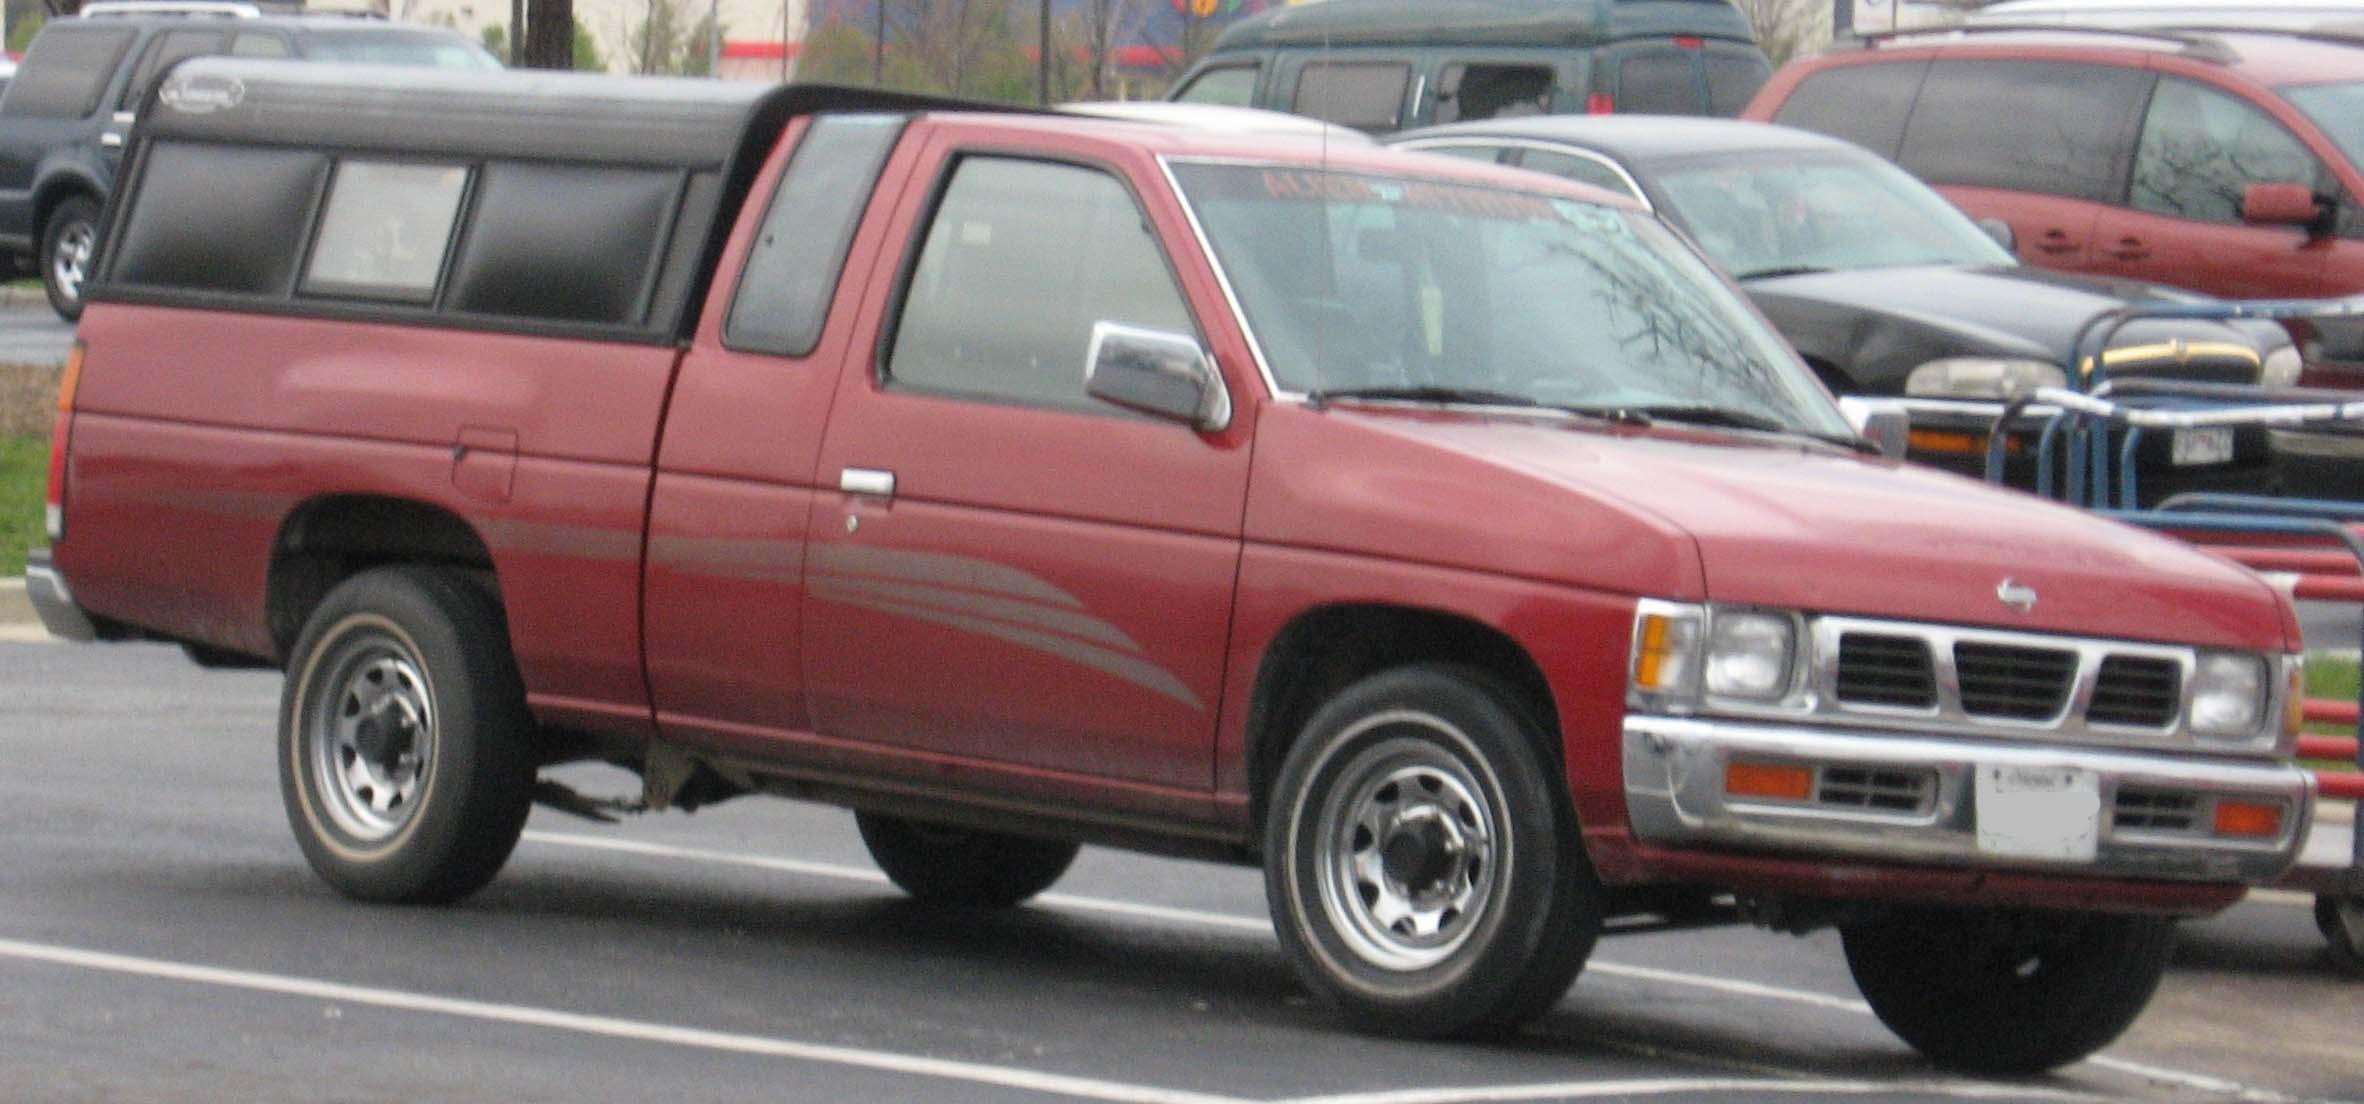 Nissan Navara (Frontier) I (D21) 1985 - 1997 Pickup #8